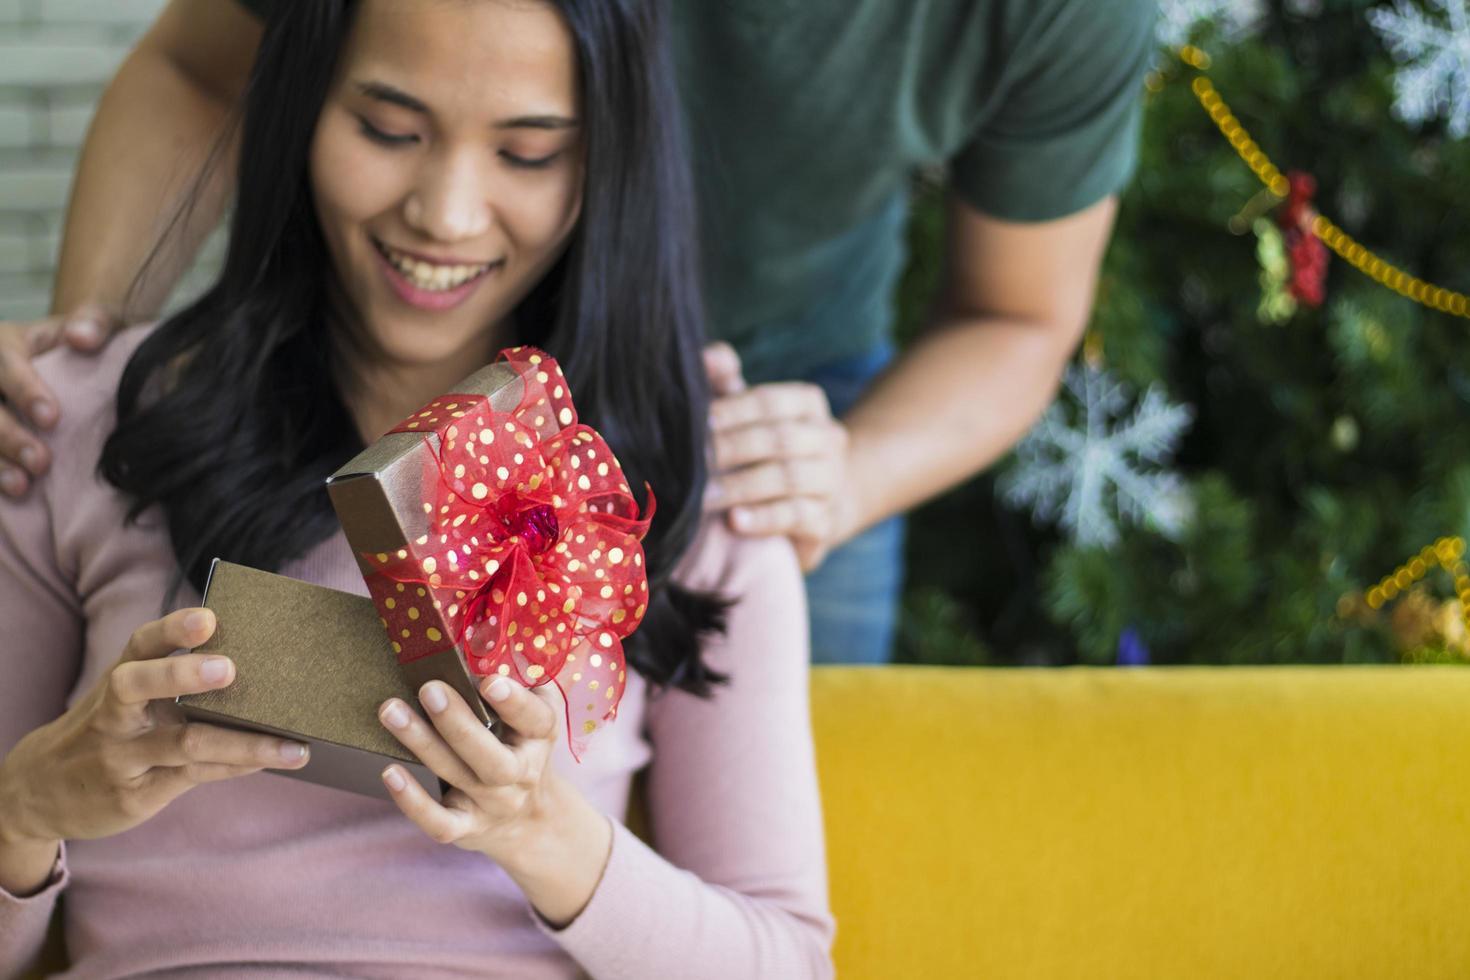 donna che riceve il regalo di Natale foto